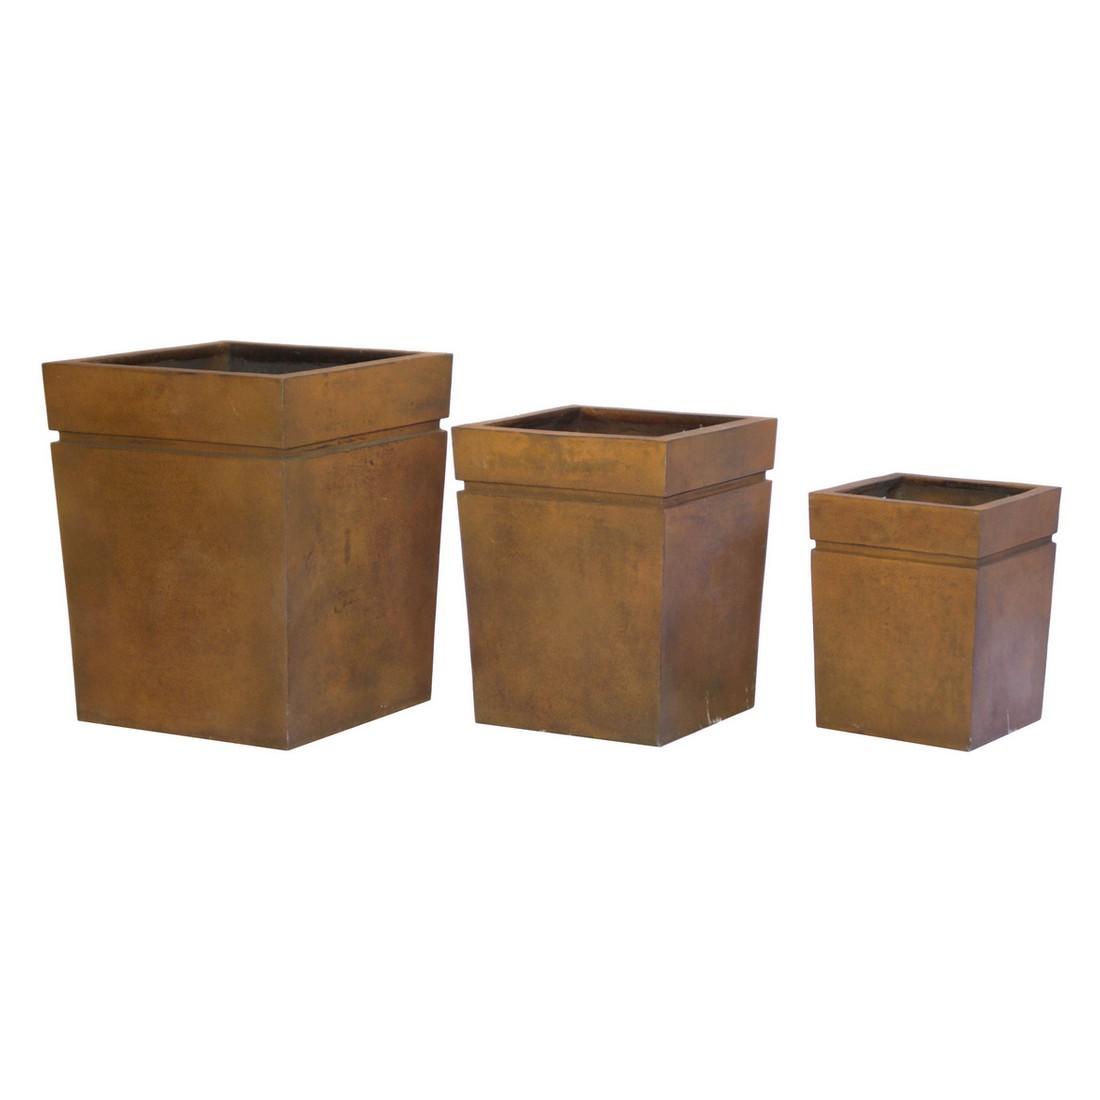 Pflanzkübel Rusty Iron – Kunststoff – Modern Eckig – Höhe: 68 cm Breit: 55 cm (einzeln), Viducci's Garden online bestellen